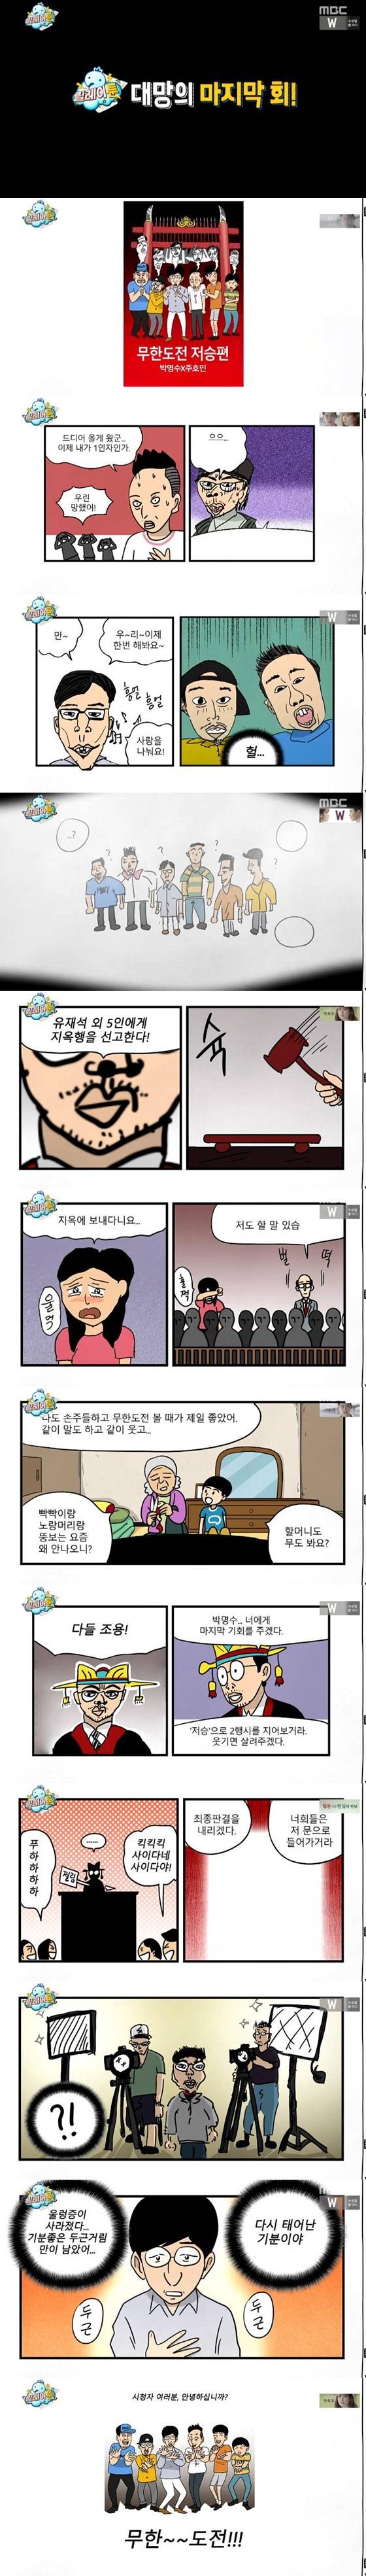 '무도' 릴레이툰, '저승편'으로 끝…'극한알바' 주인공은?(종합)